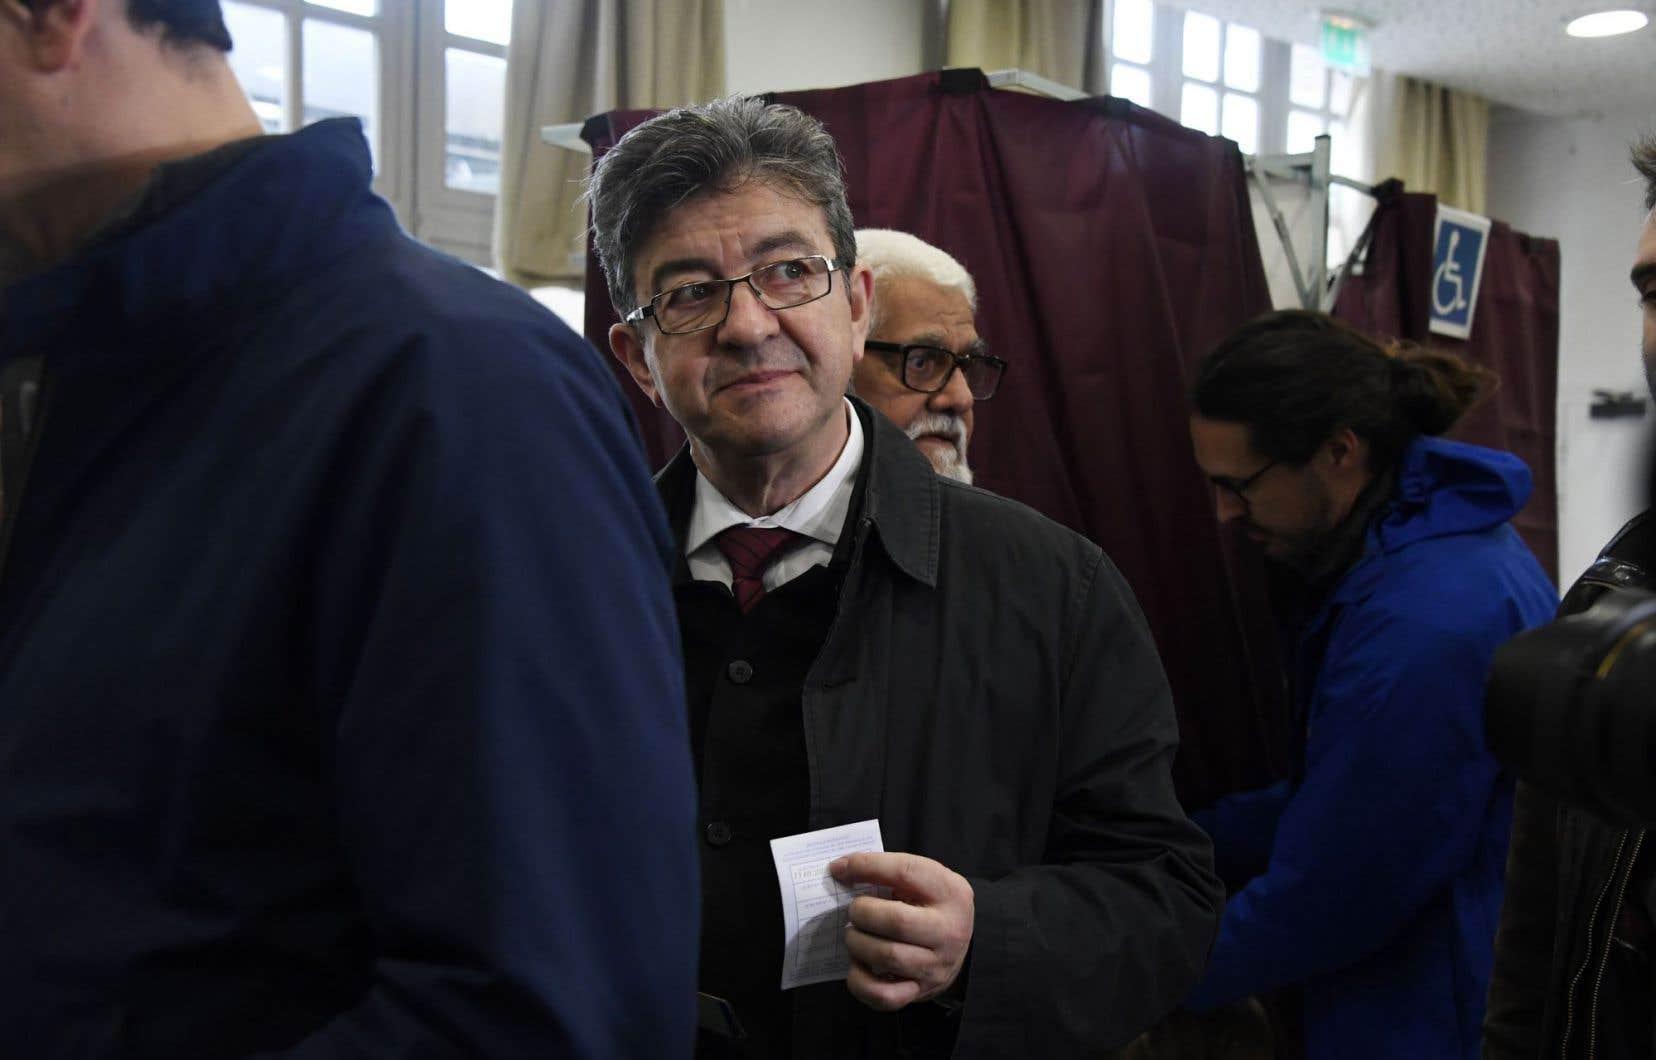 Le chef de la coalition d'extrême gauche La France Insoumise, Jean-Luc Melenchon, lorsqu'il se préparait à voter dans un bureau de vote à Paris.